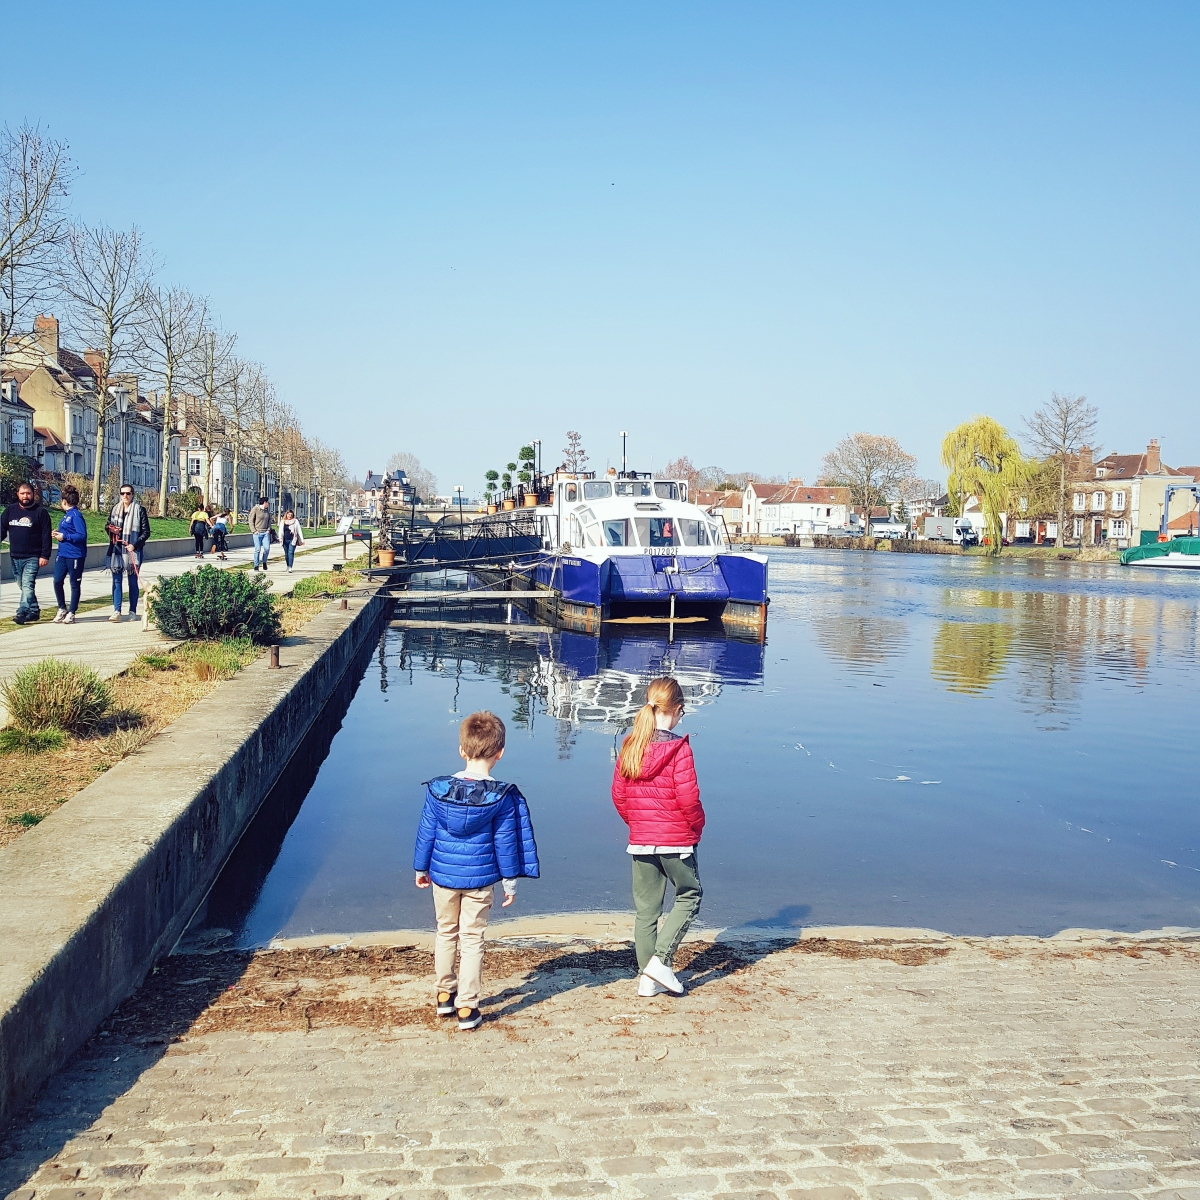 Découvrir la Bourgogne #2 : Mes 10 spots photos instagram favoris à Auxerre